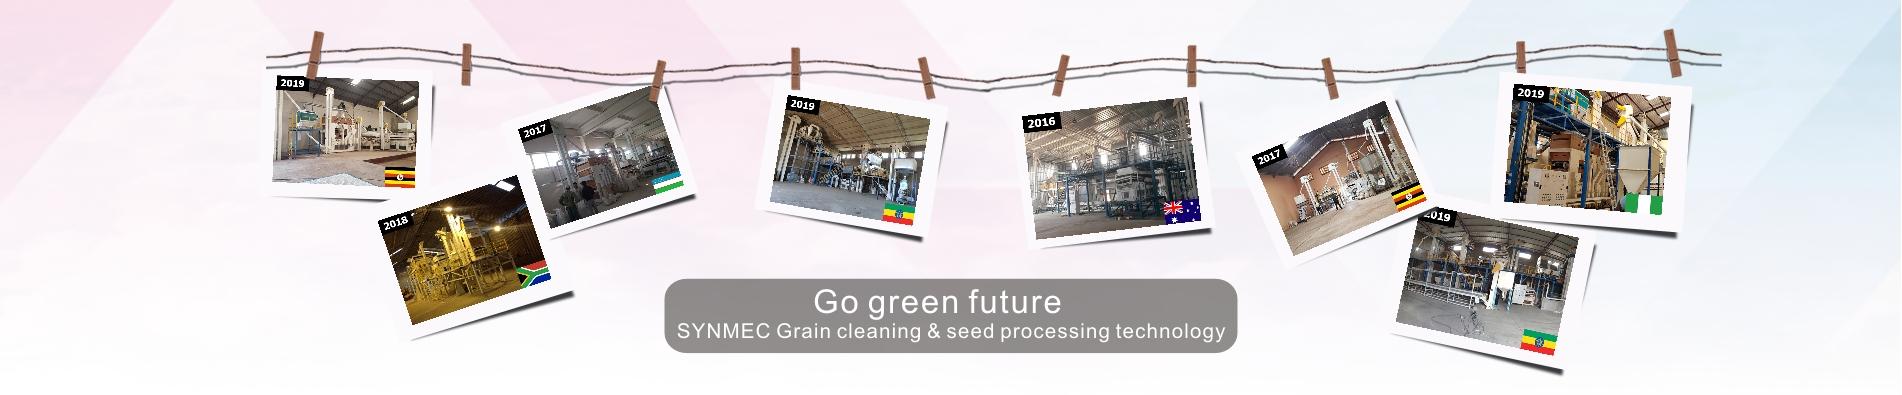 Go green future